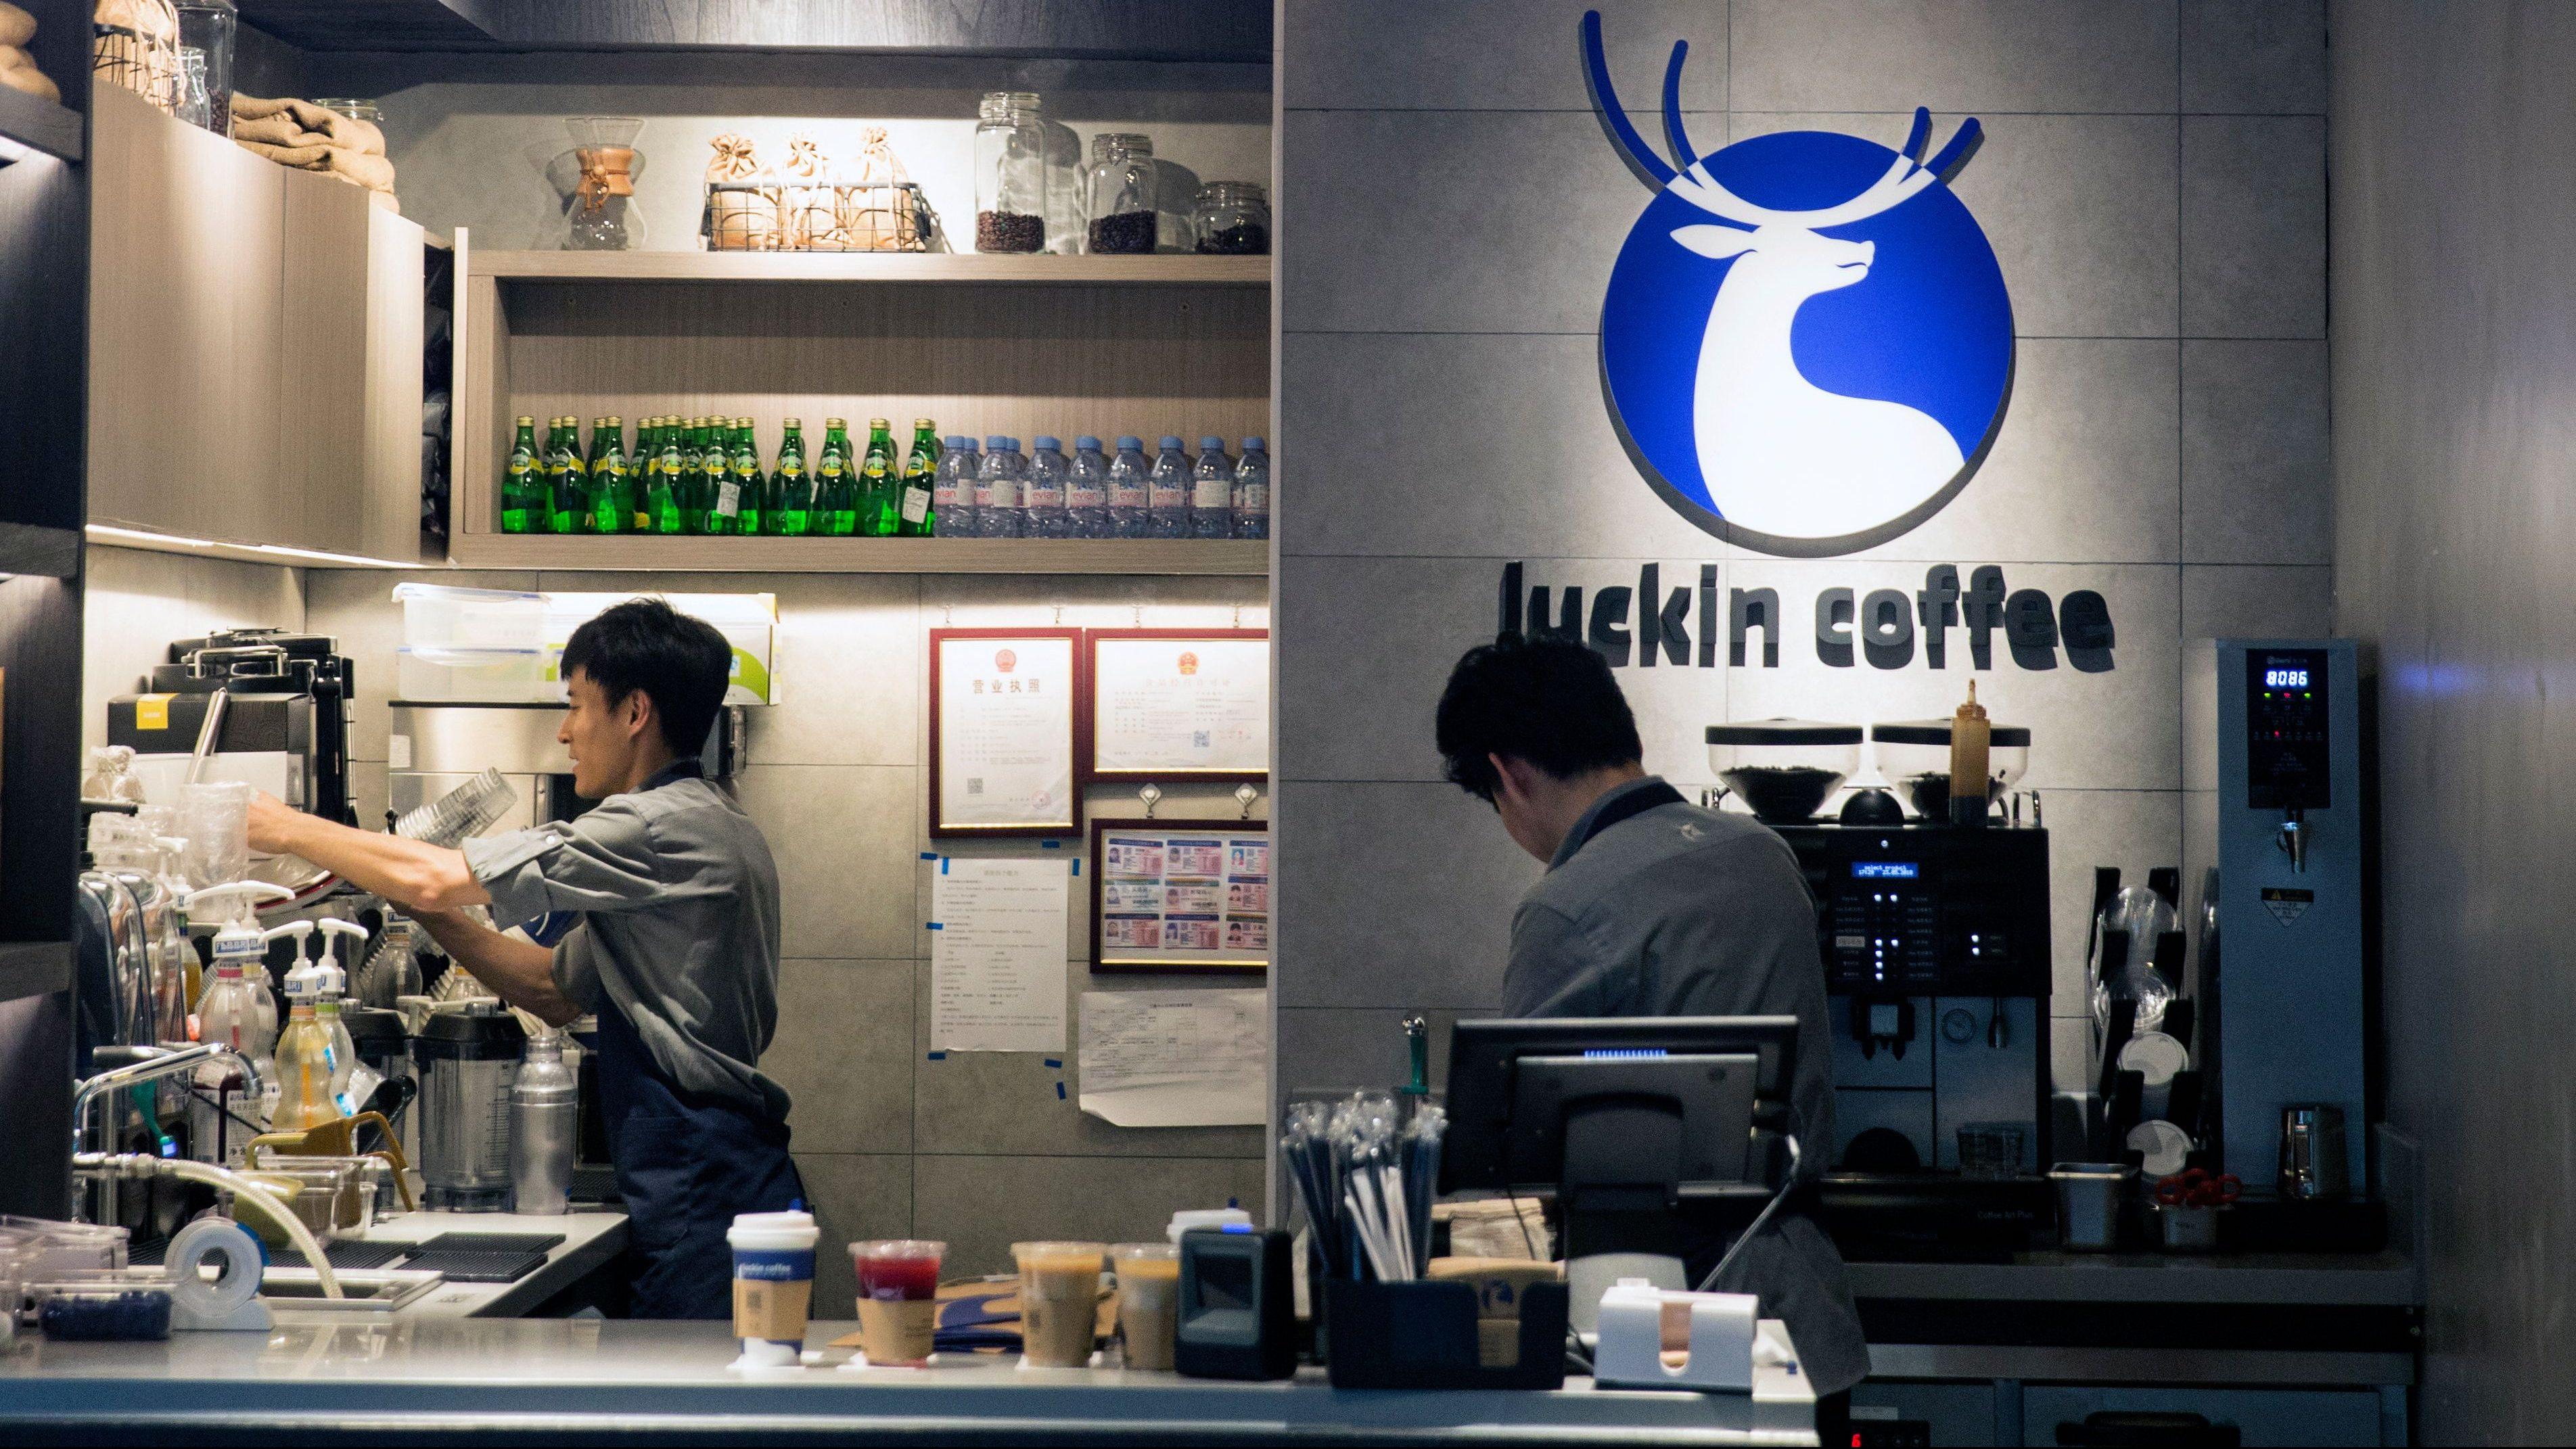 """Résultat de recherche d'images pour """"lucky coffee chine"""""""